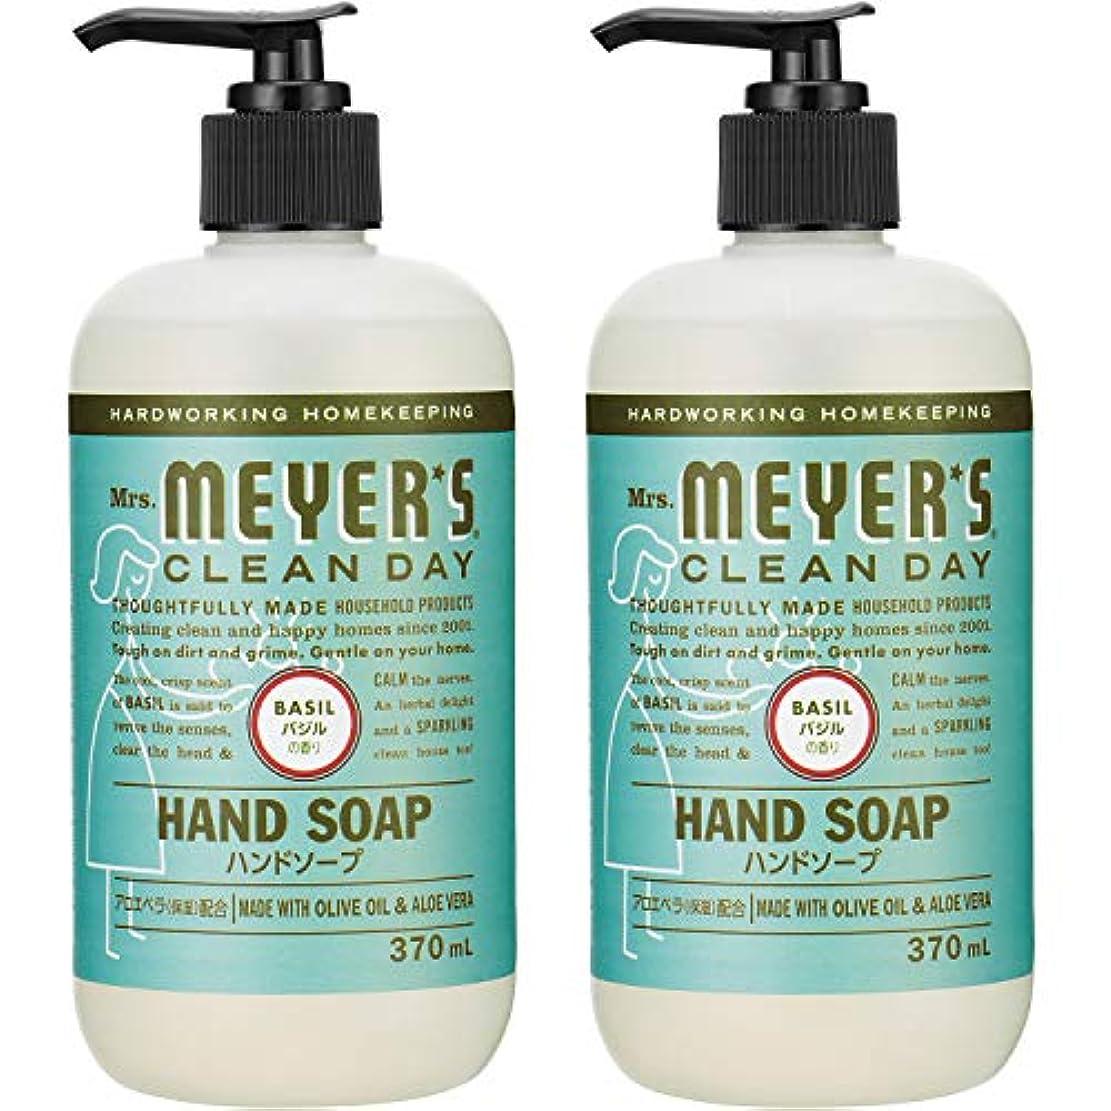 レッスンあなたは成長するMrs. MEYER'S CLEAN DAY(ミセスマイヤーズ クリーンデイ) ミセスマイヤーズ クリーンデイ(Mrs.Meyers Clean Day) ハンドソープ バジルの香り 370ml×2個